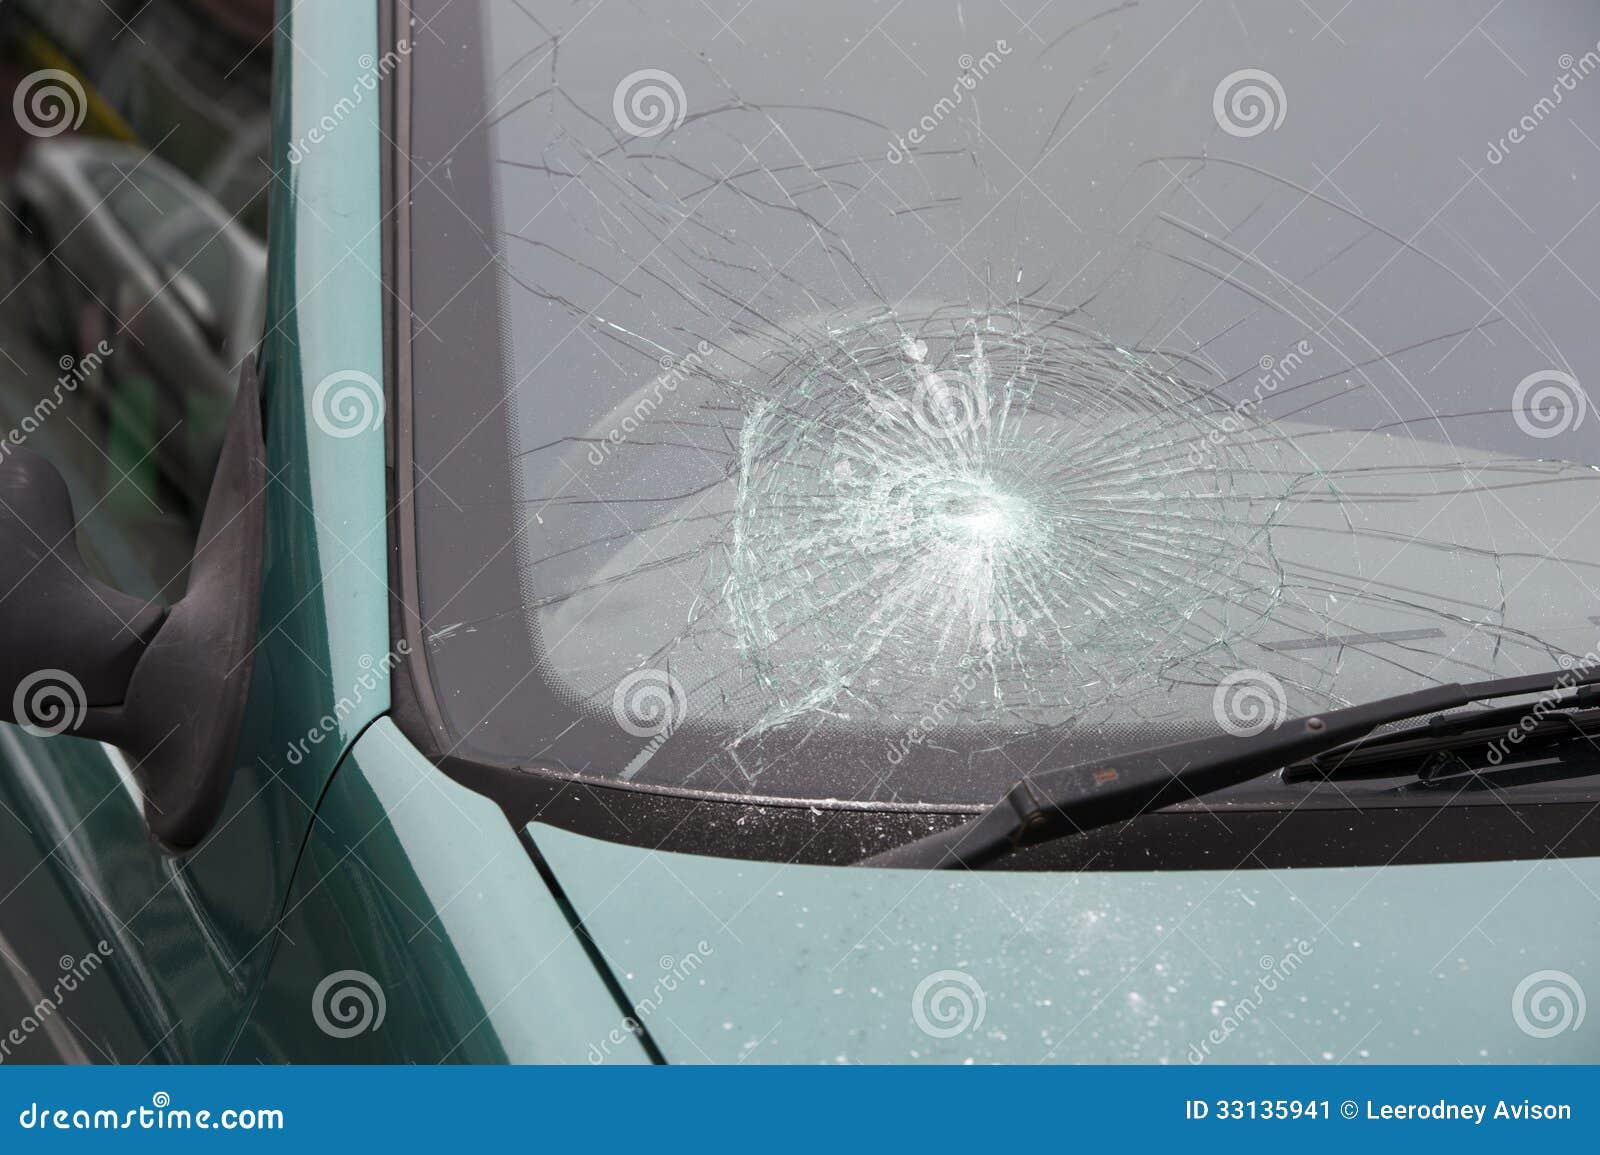 pare brise cass heurt par accident de voiture image stock image 33135941. Black Bedroom Furniture Sets. Home Design Ideas